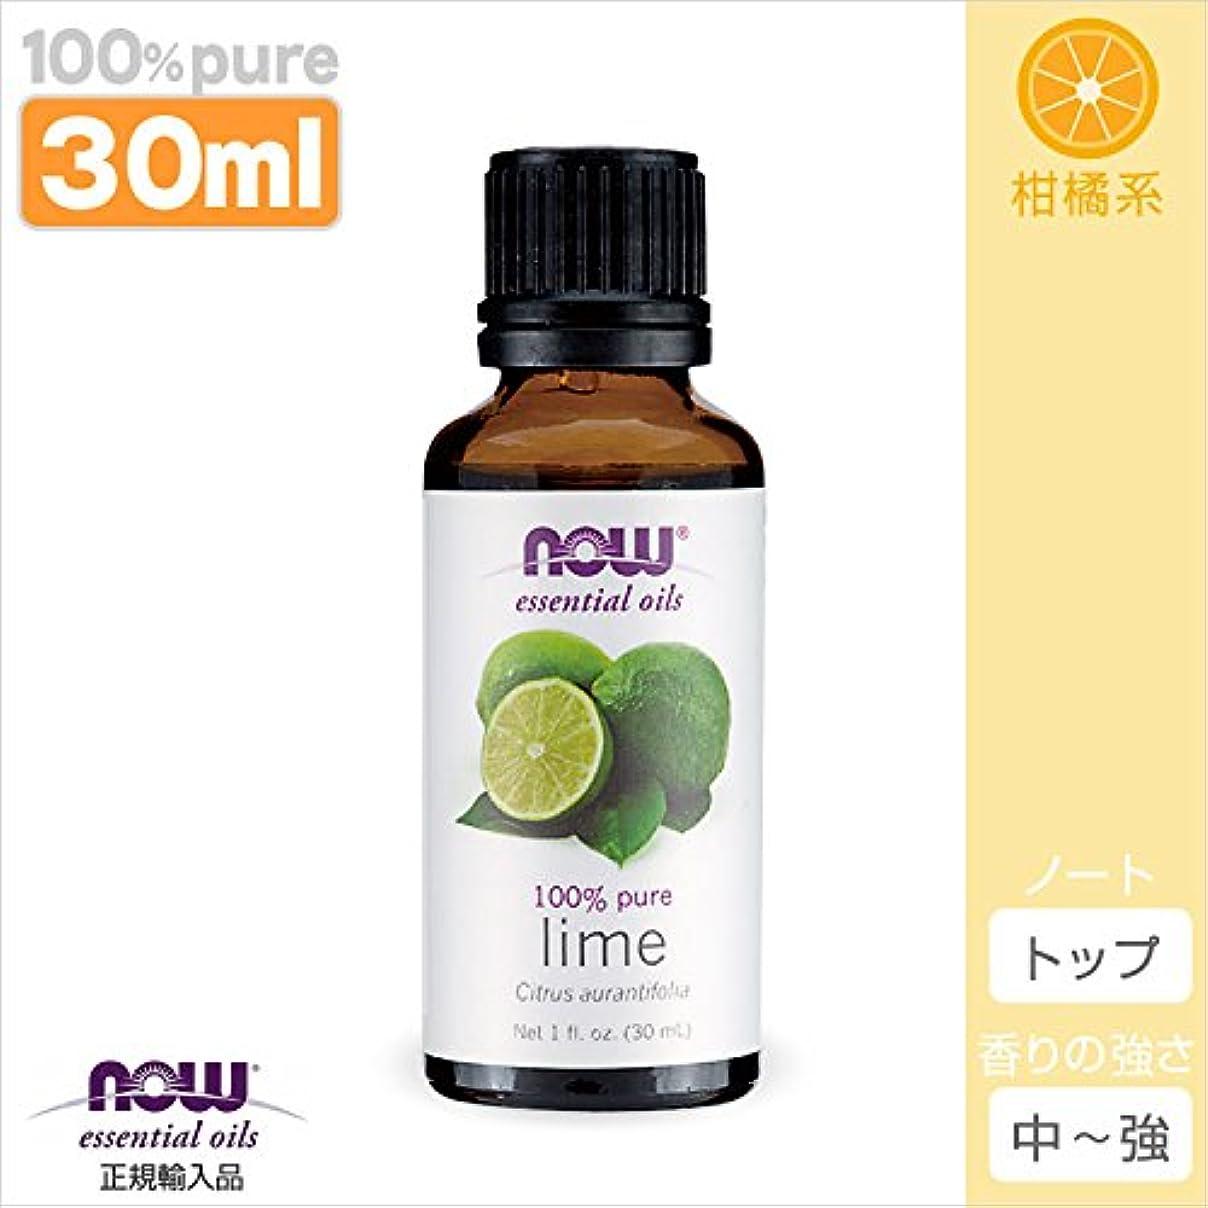 モンゴメリーヒュームラベライム精油[30ml] 【正規輸入品】 NOWエッセンシャルオイル(アロマオイル)